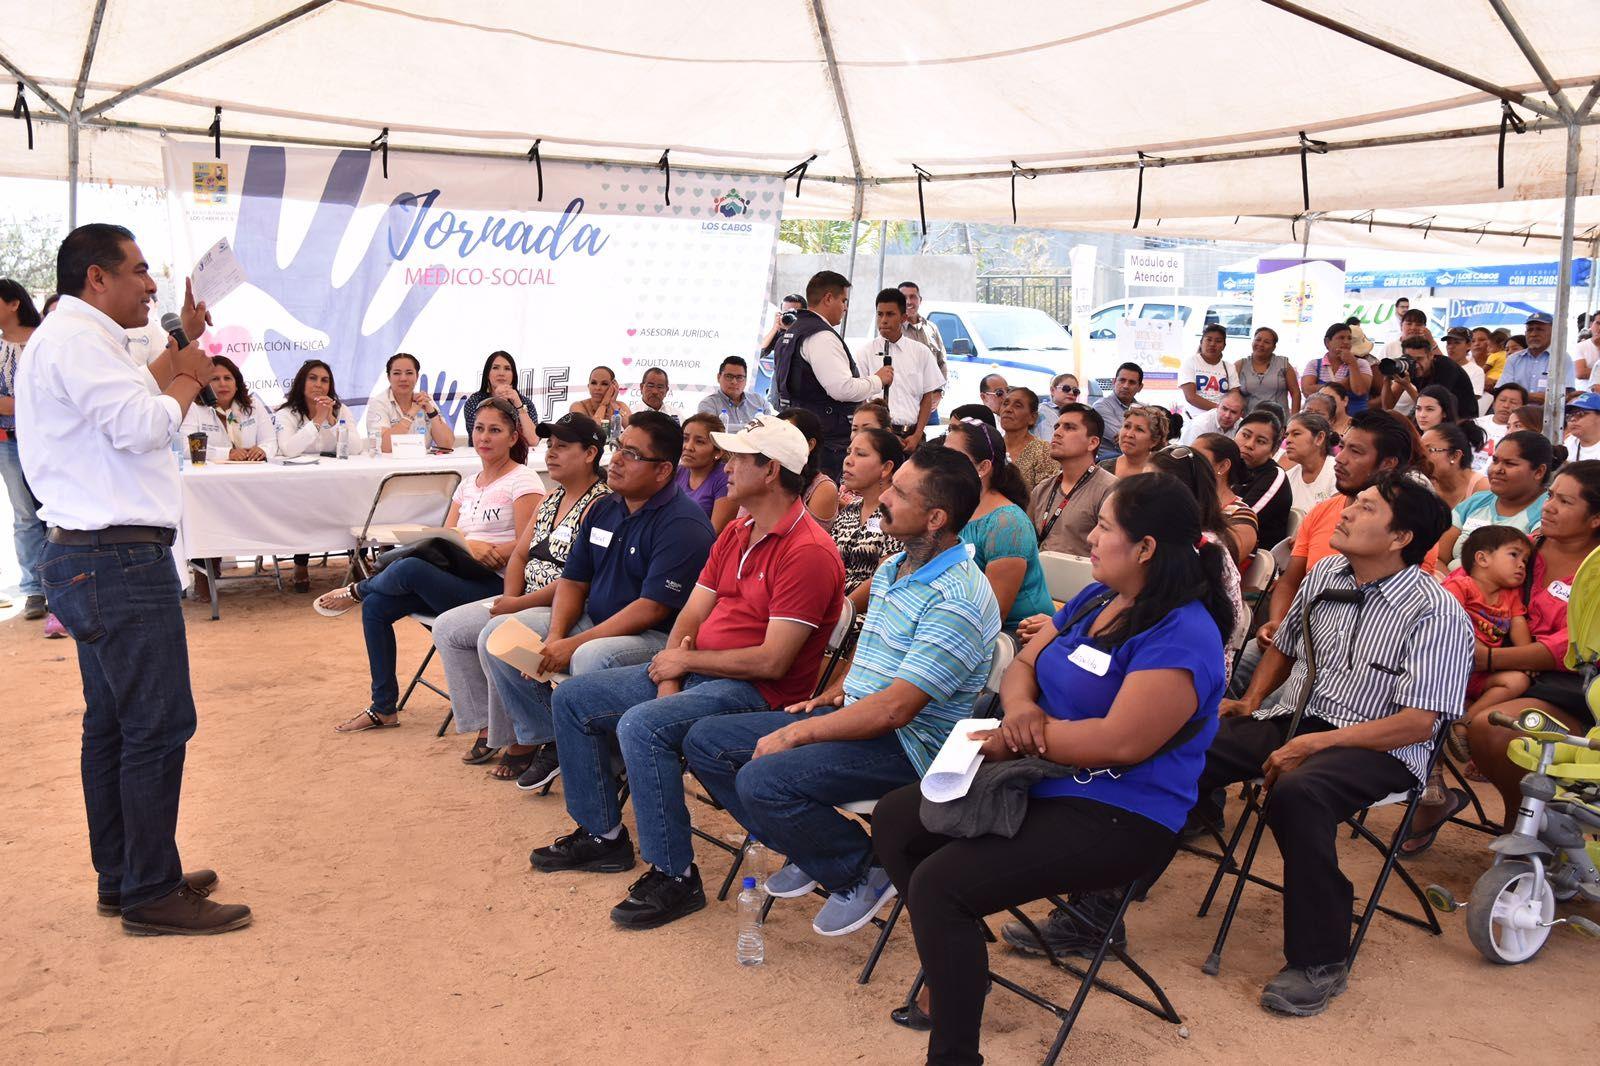 """Jornada social """"alcalde en tu colonia"""" llega Azteca y Miranda"""